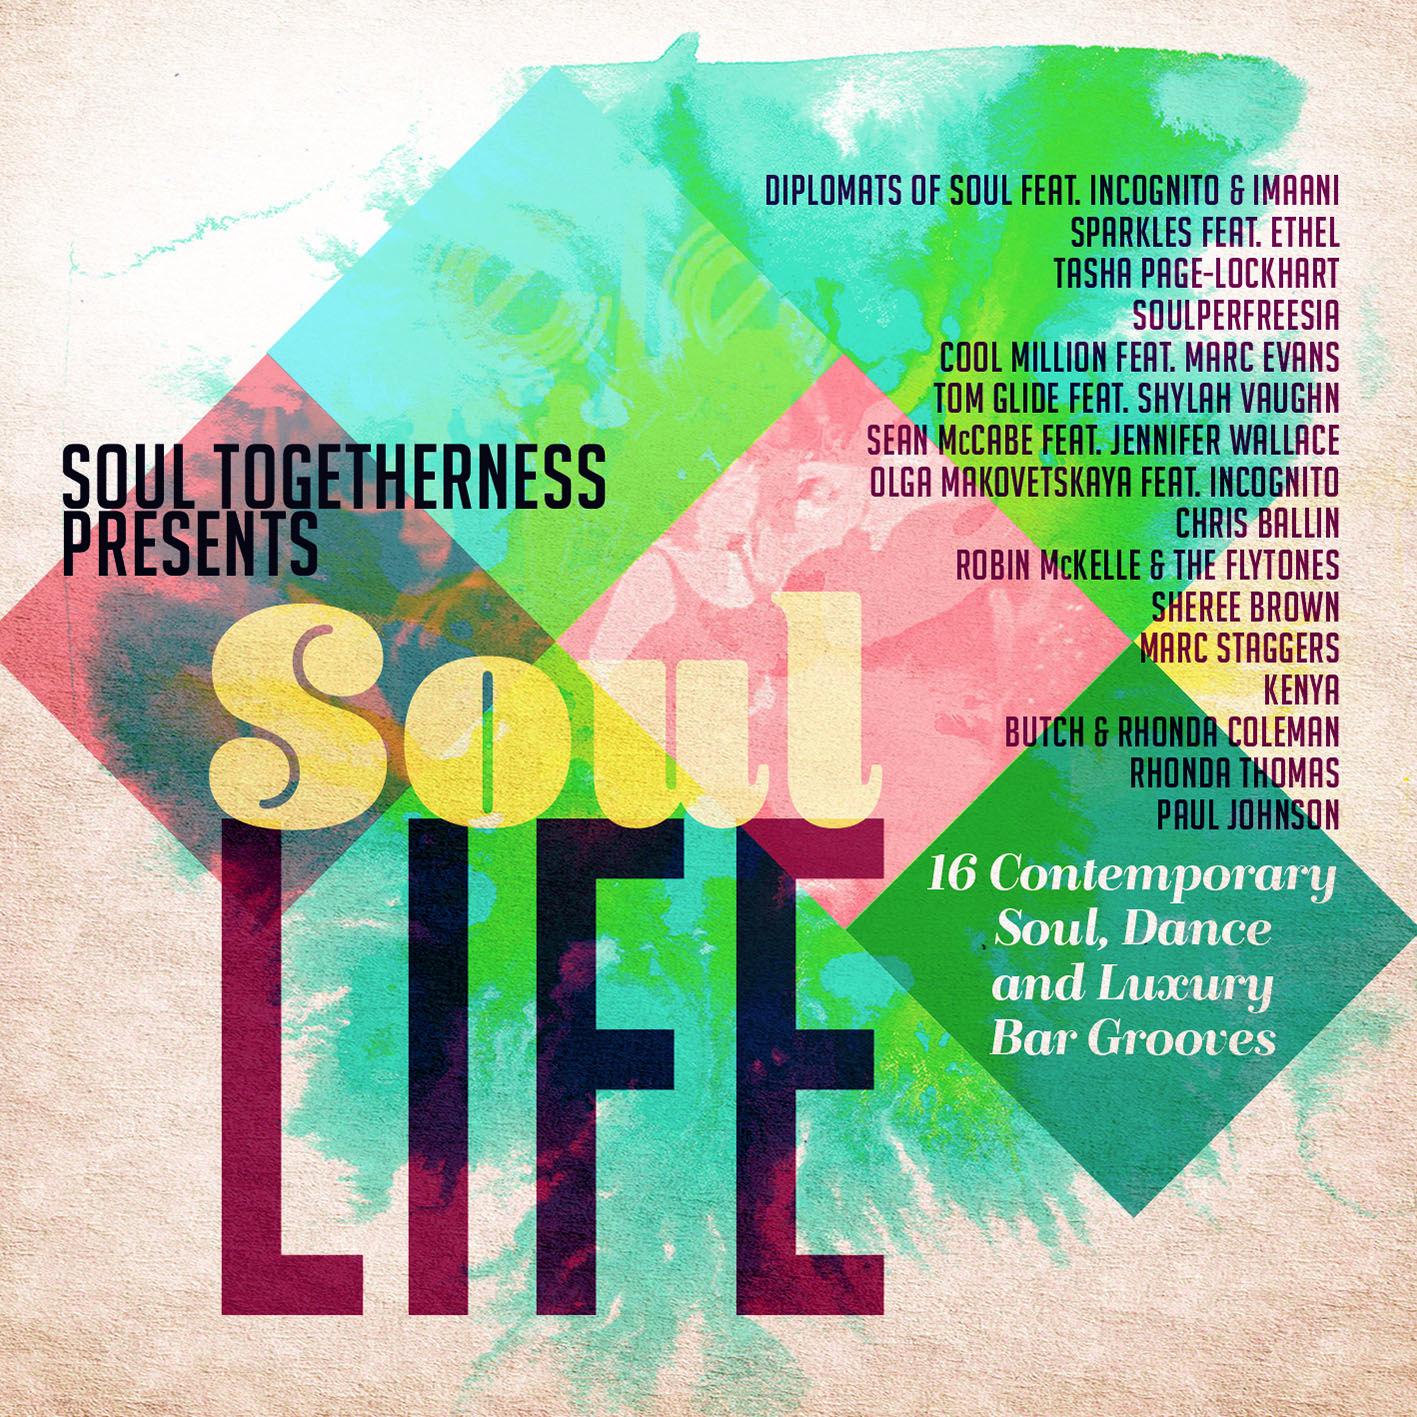 Soul Togetherness Presents Soul Life Vinyl Record Album Covers Vinyl Record Album Soul Music